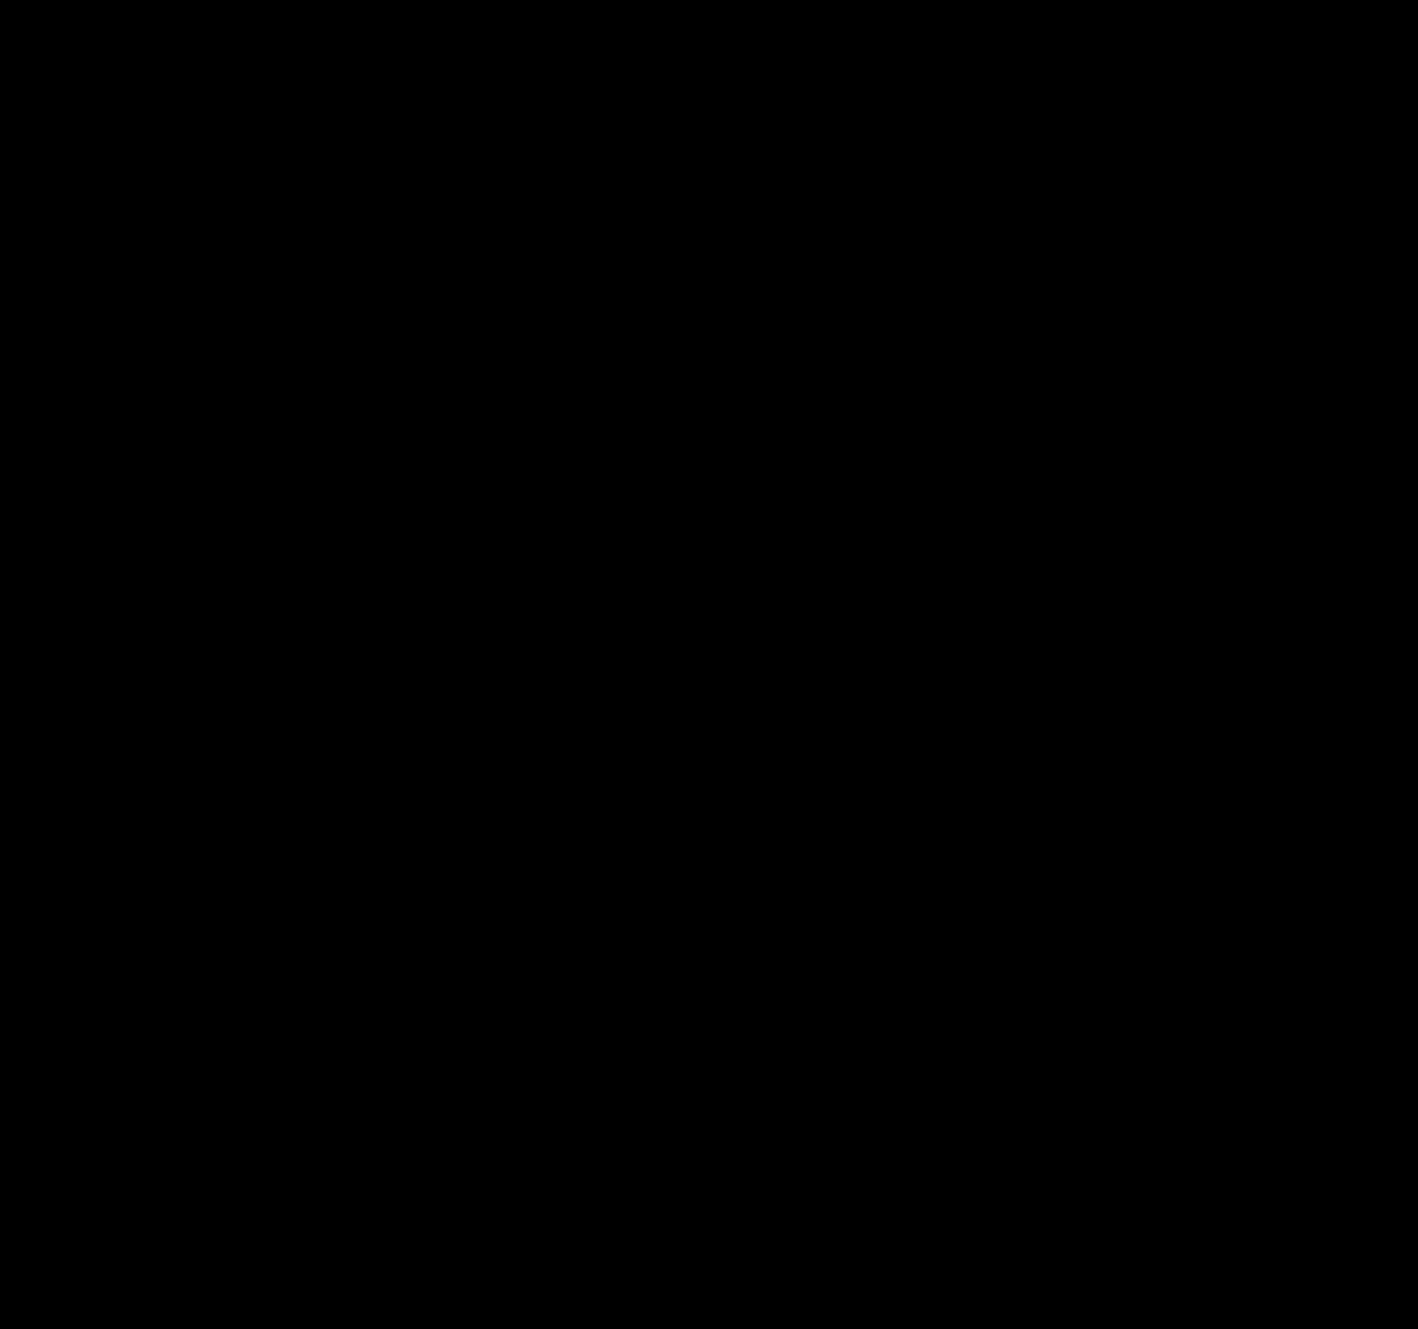 Fränzi Kühne